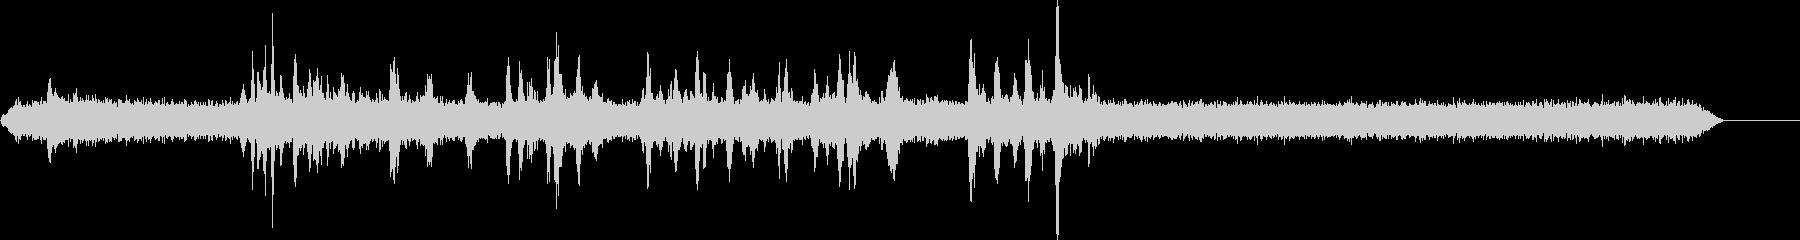 駅のプラットフォーム2の未再生の波形